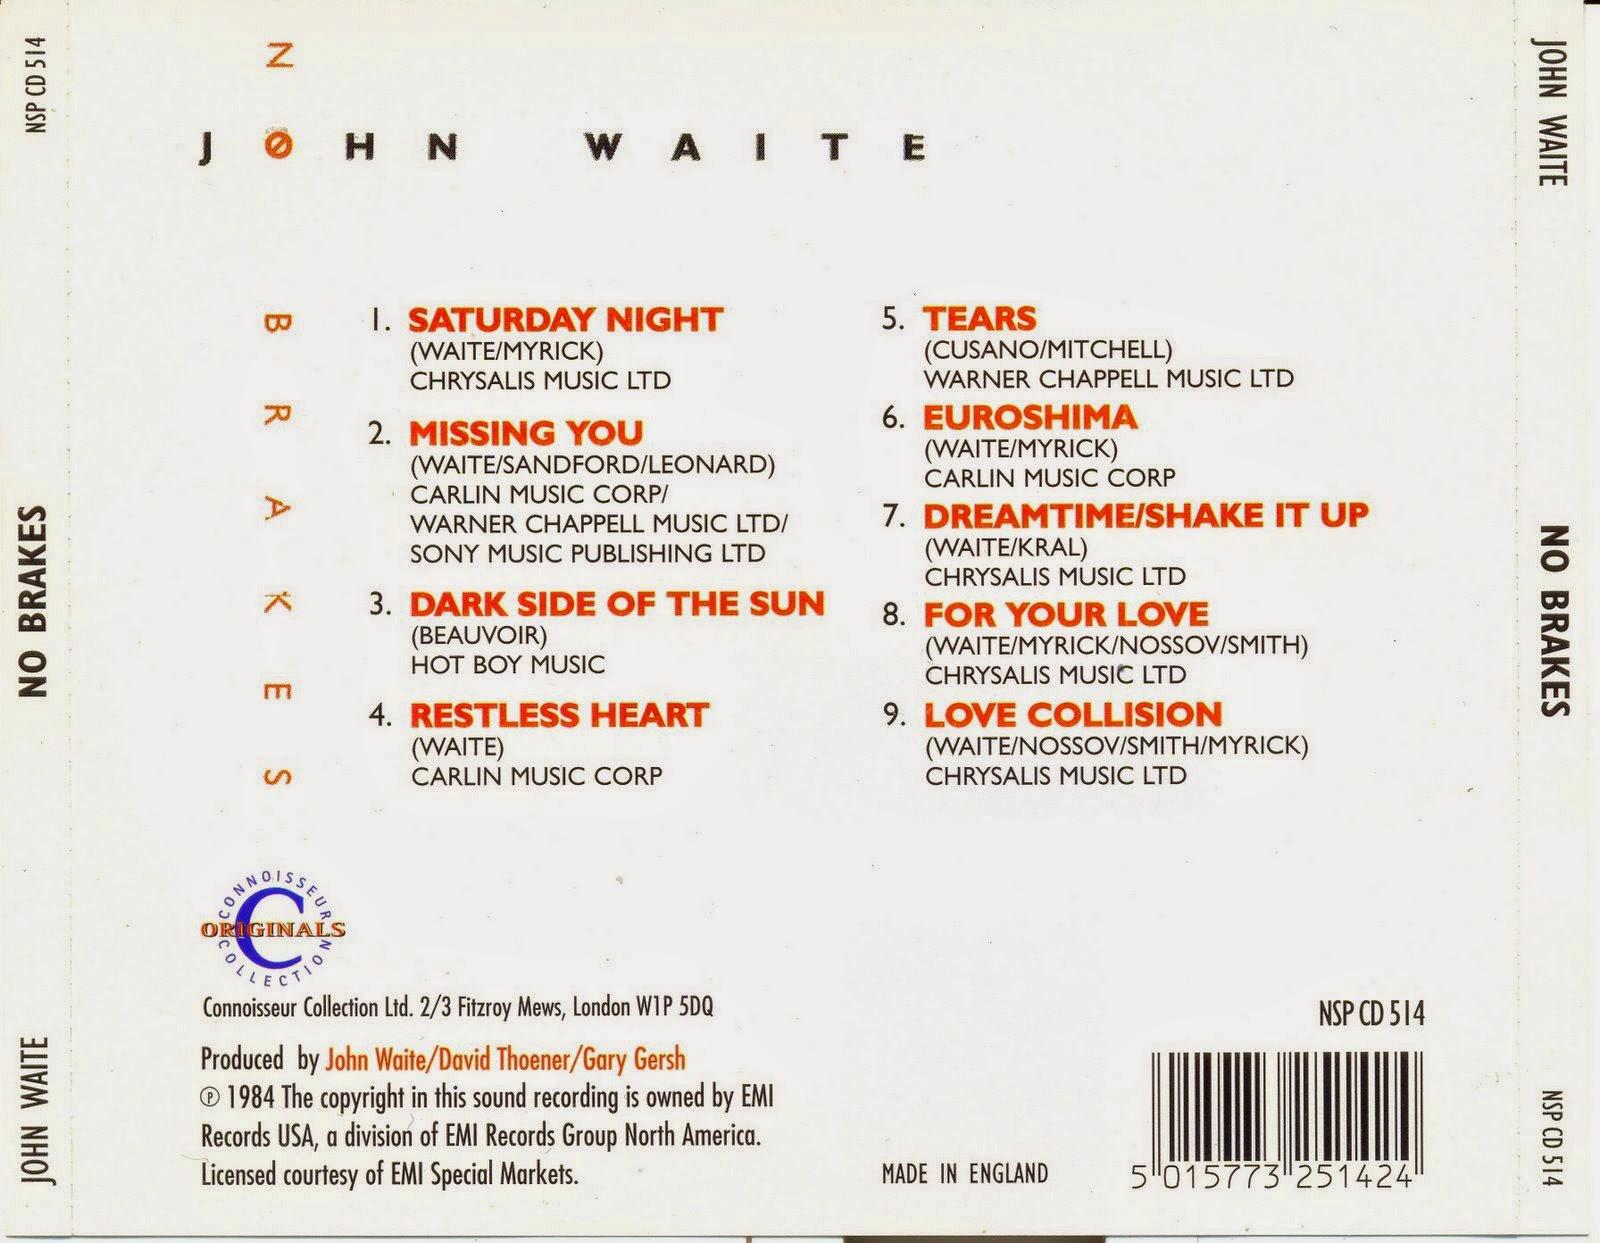 Mi Coleccion De Musica John Waite